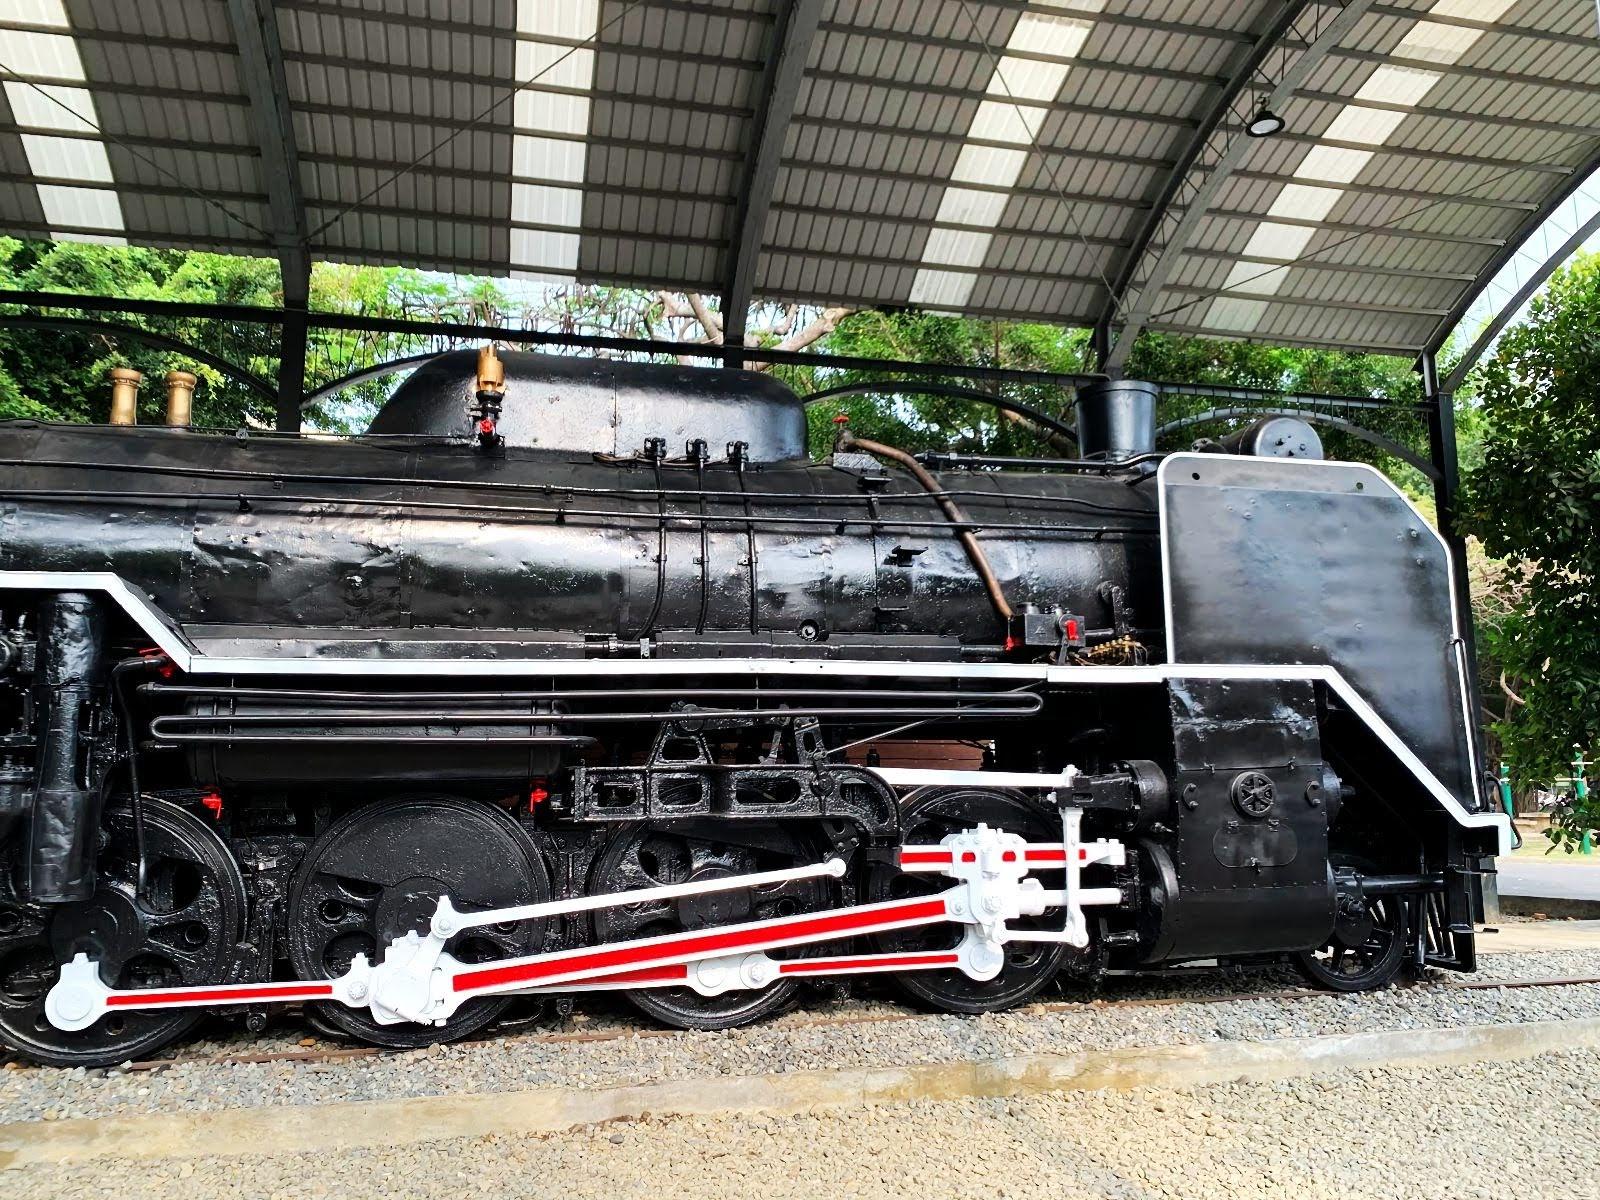 原台灣總督府蒸汽機關車修復完畢|C551、D512重現1982樣貌